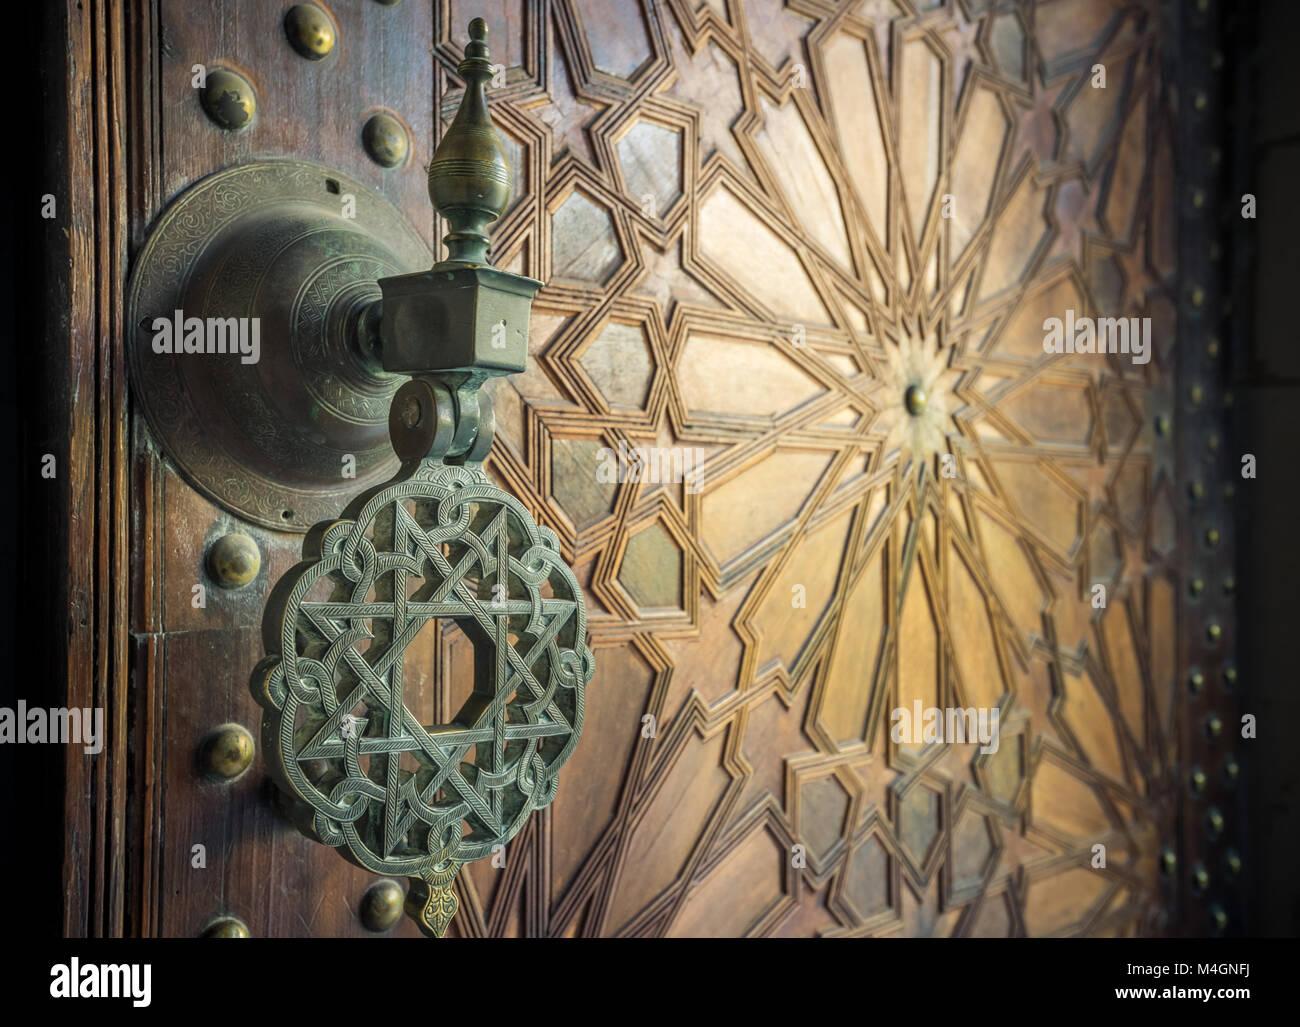 Ancient moroccan doors - Stock Image - Antique Moroccan Doors Stock Photos & Antique Moroccan Doors Stock